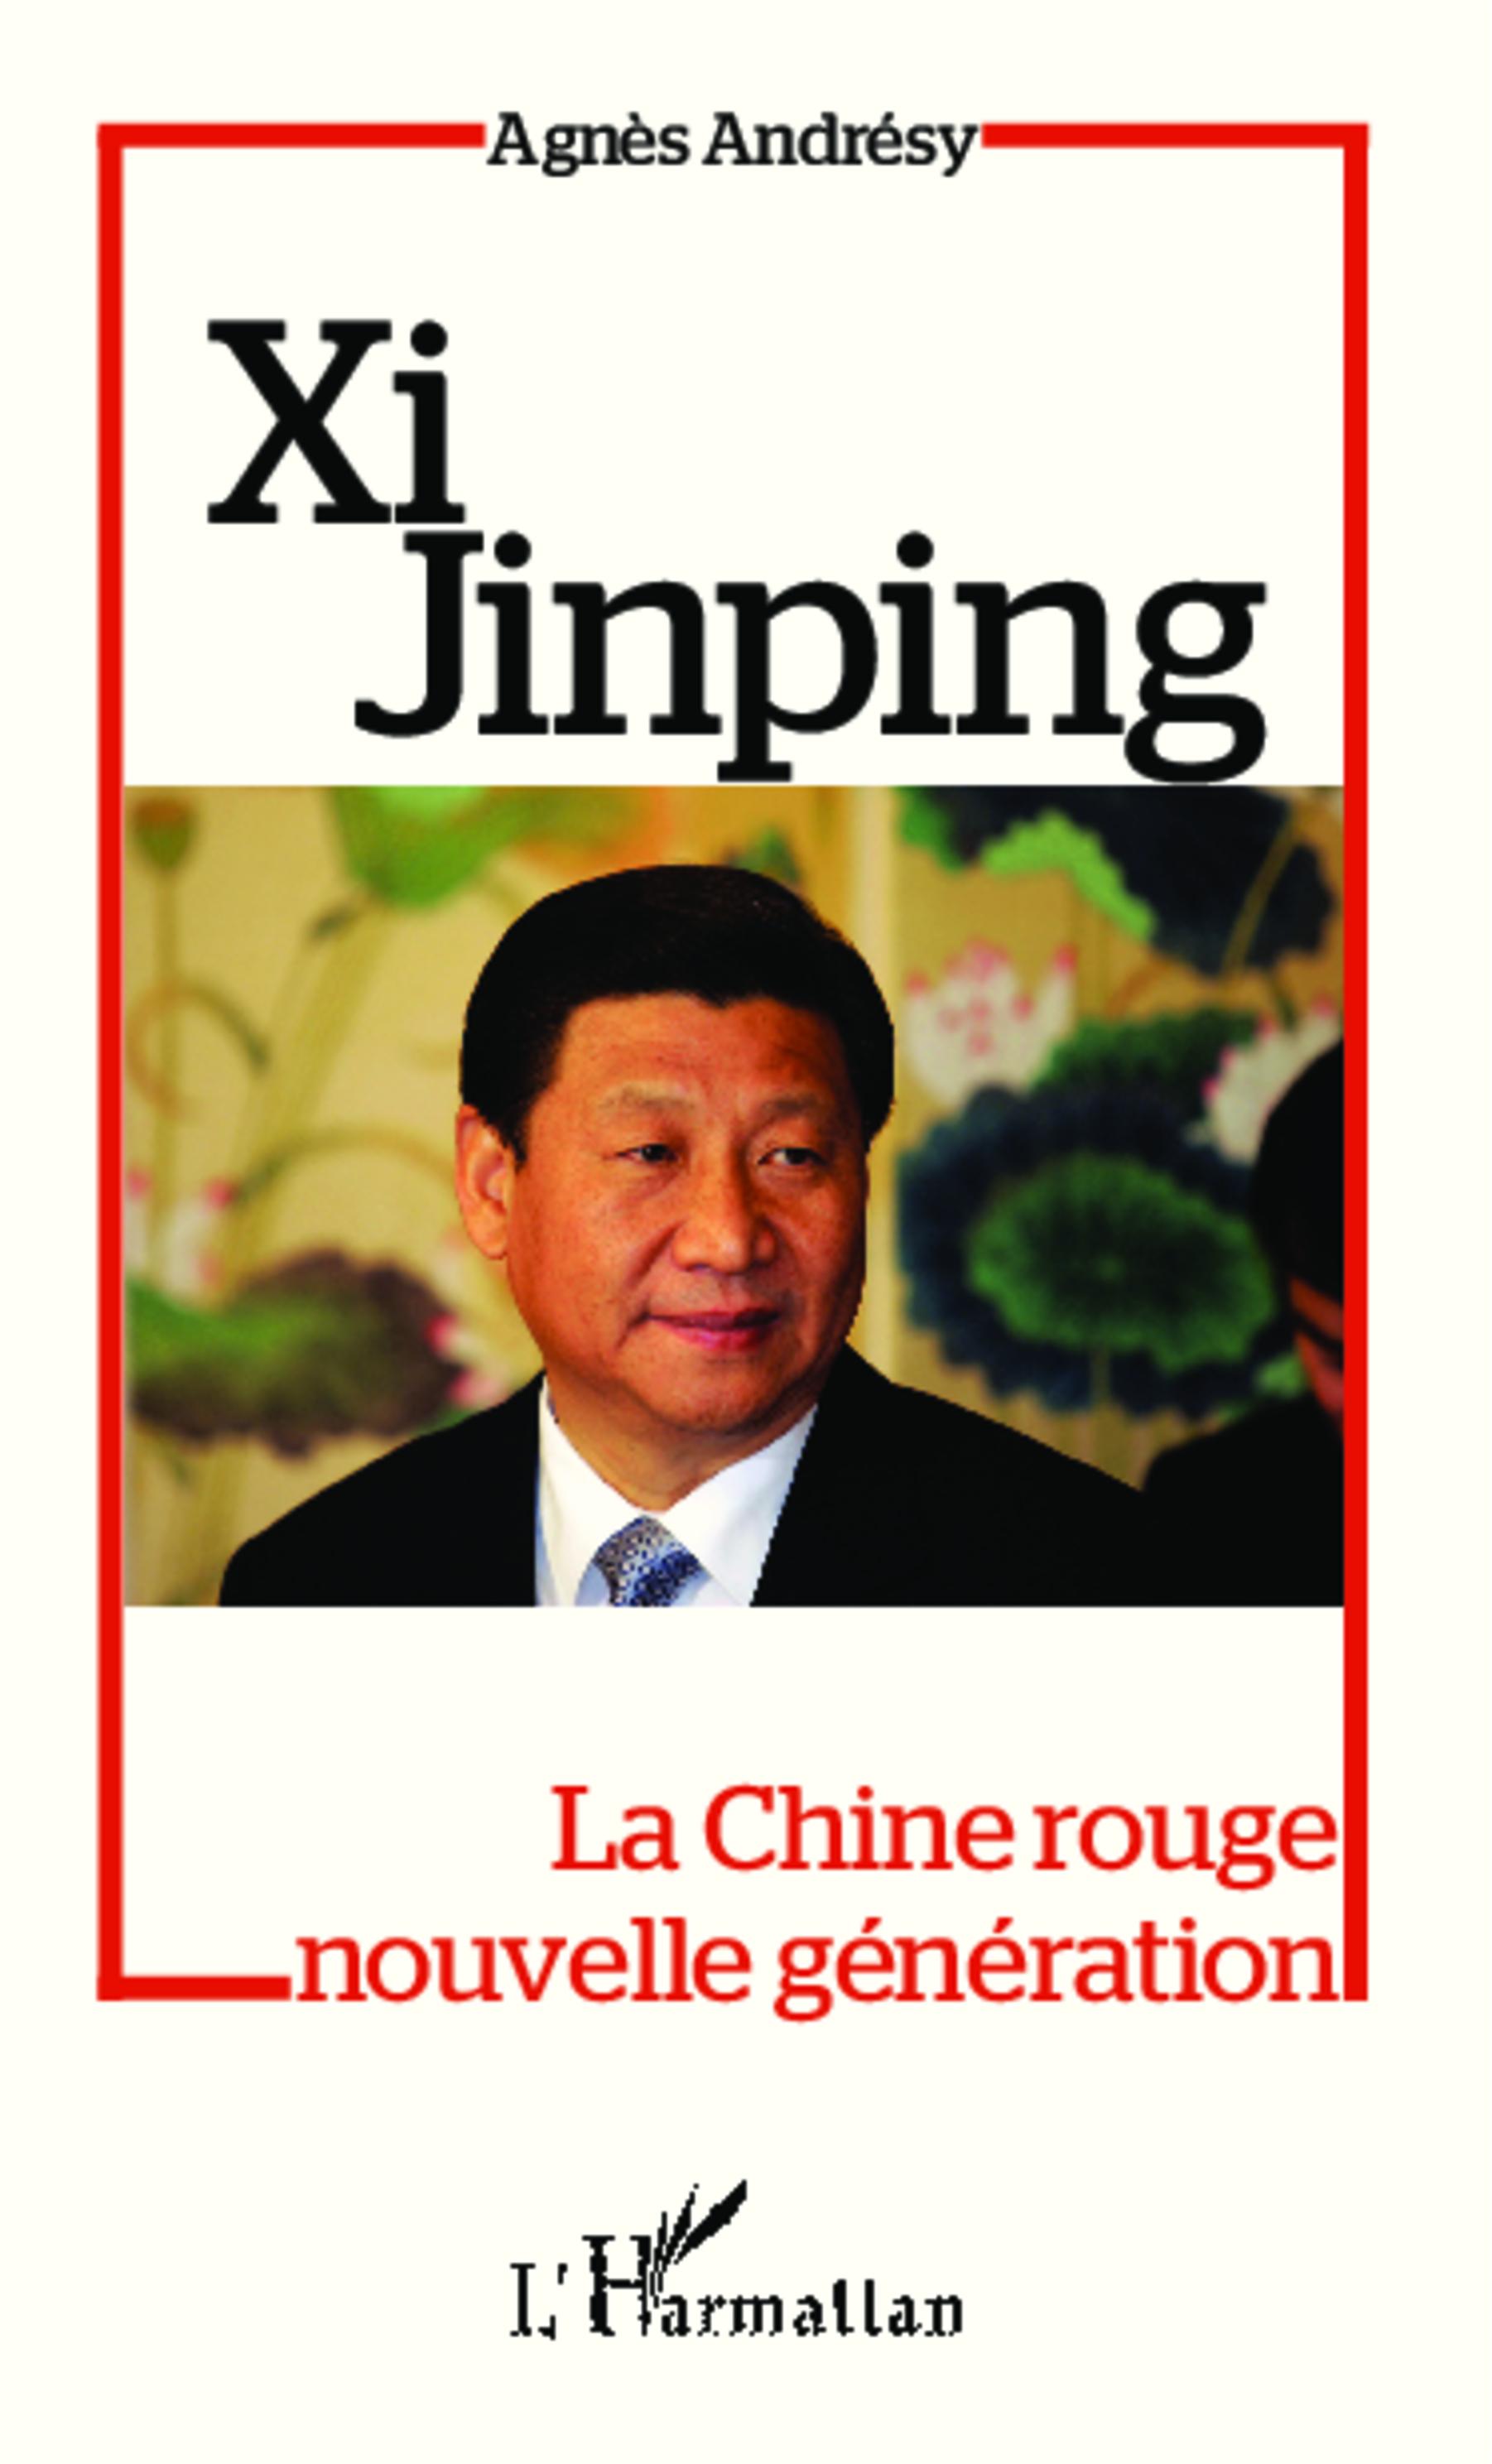 XI JINPING LA CHINE ROUGE NOUVELLE GENERATION